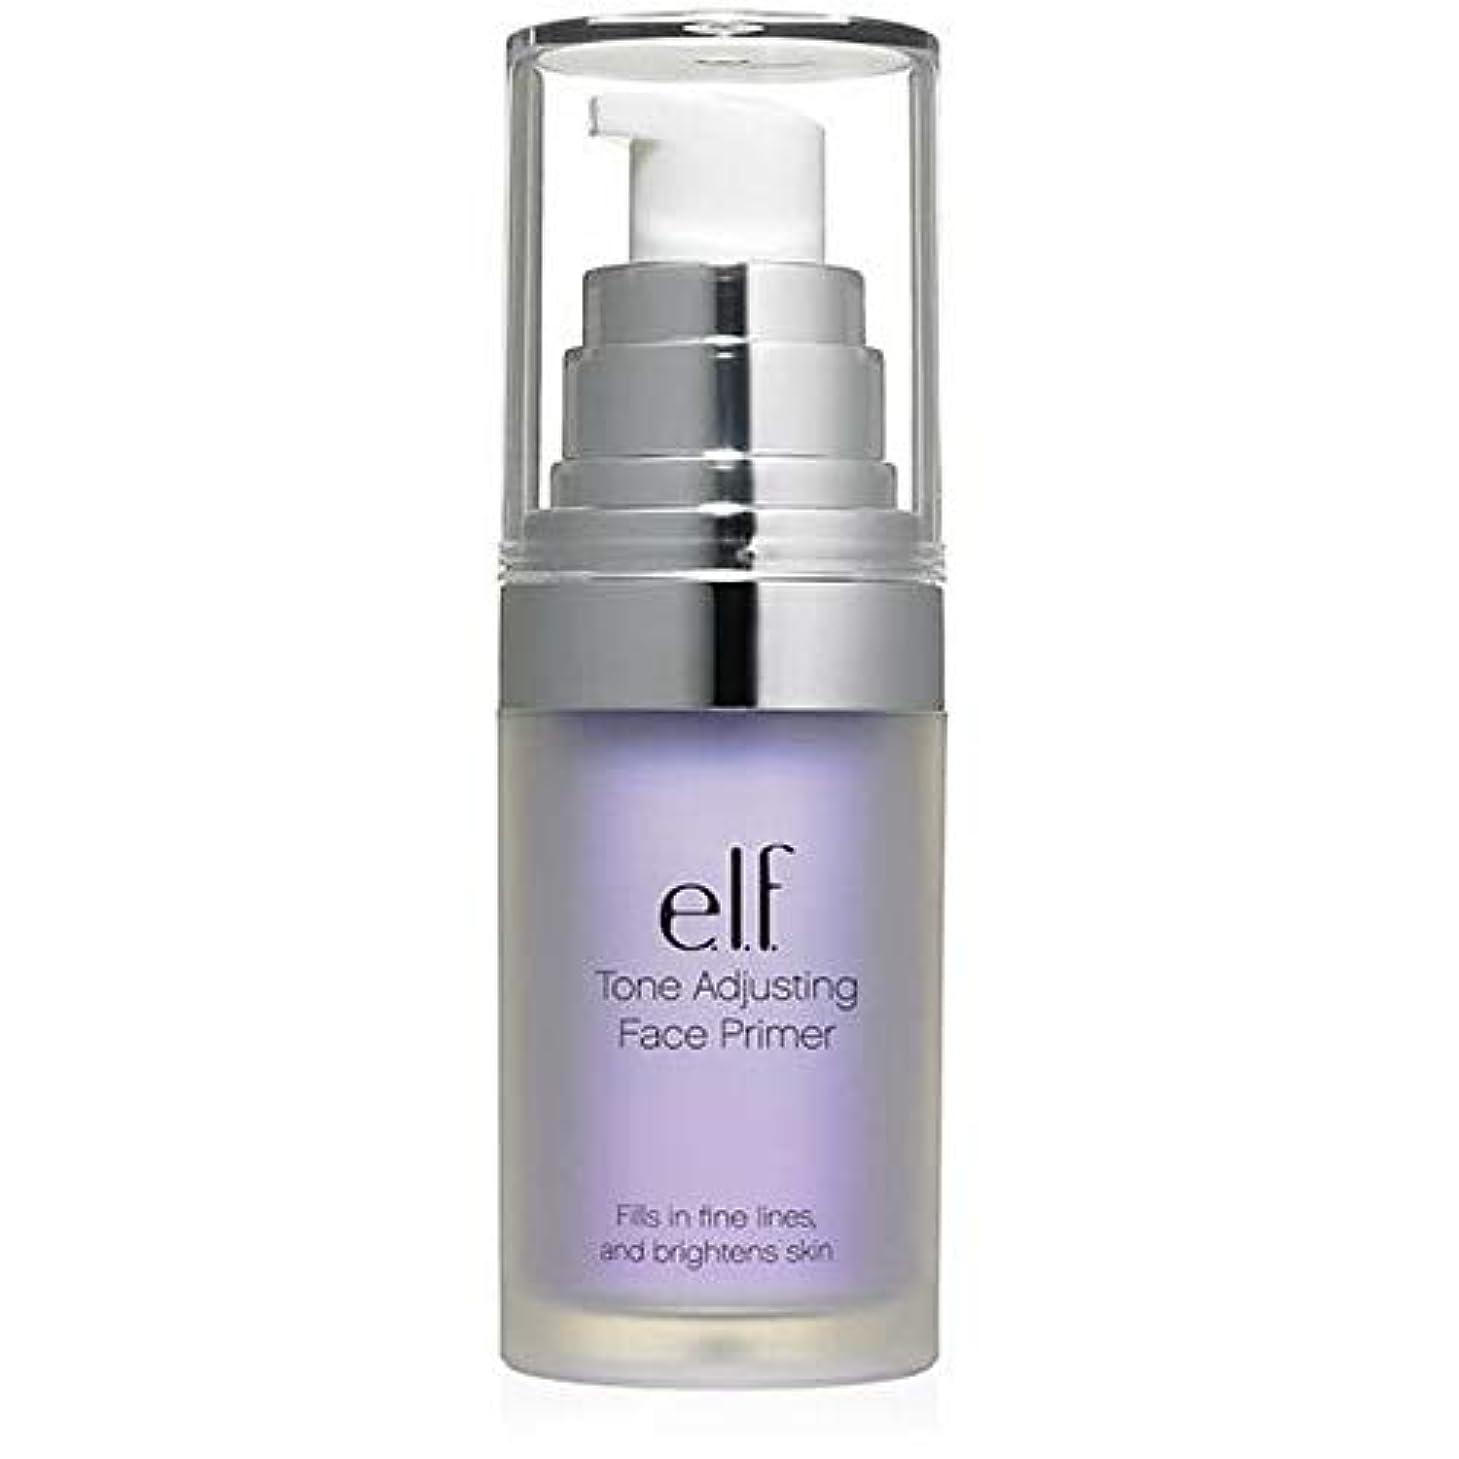 サスペンドメーカー失礼な[Elf ] エルフ。ラベンダー403を明るくトーン調整顔プライマー - e.l.f. Tone Adjusting Face Primer Brightening Lavender 403 [並行輸入品]